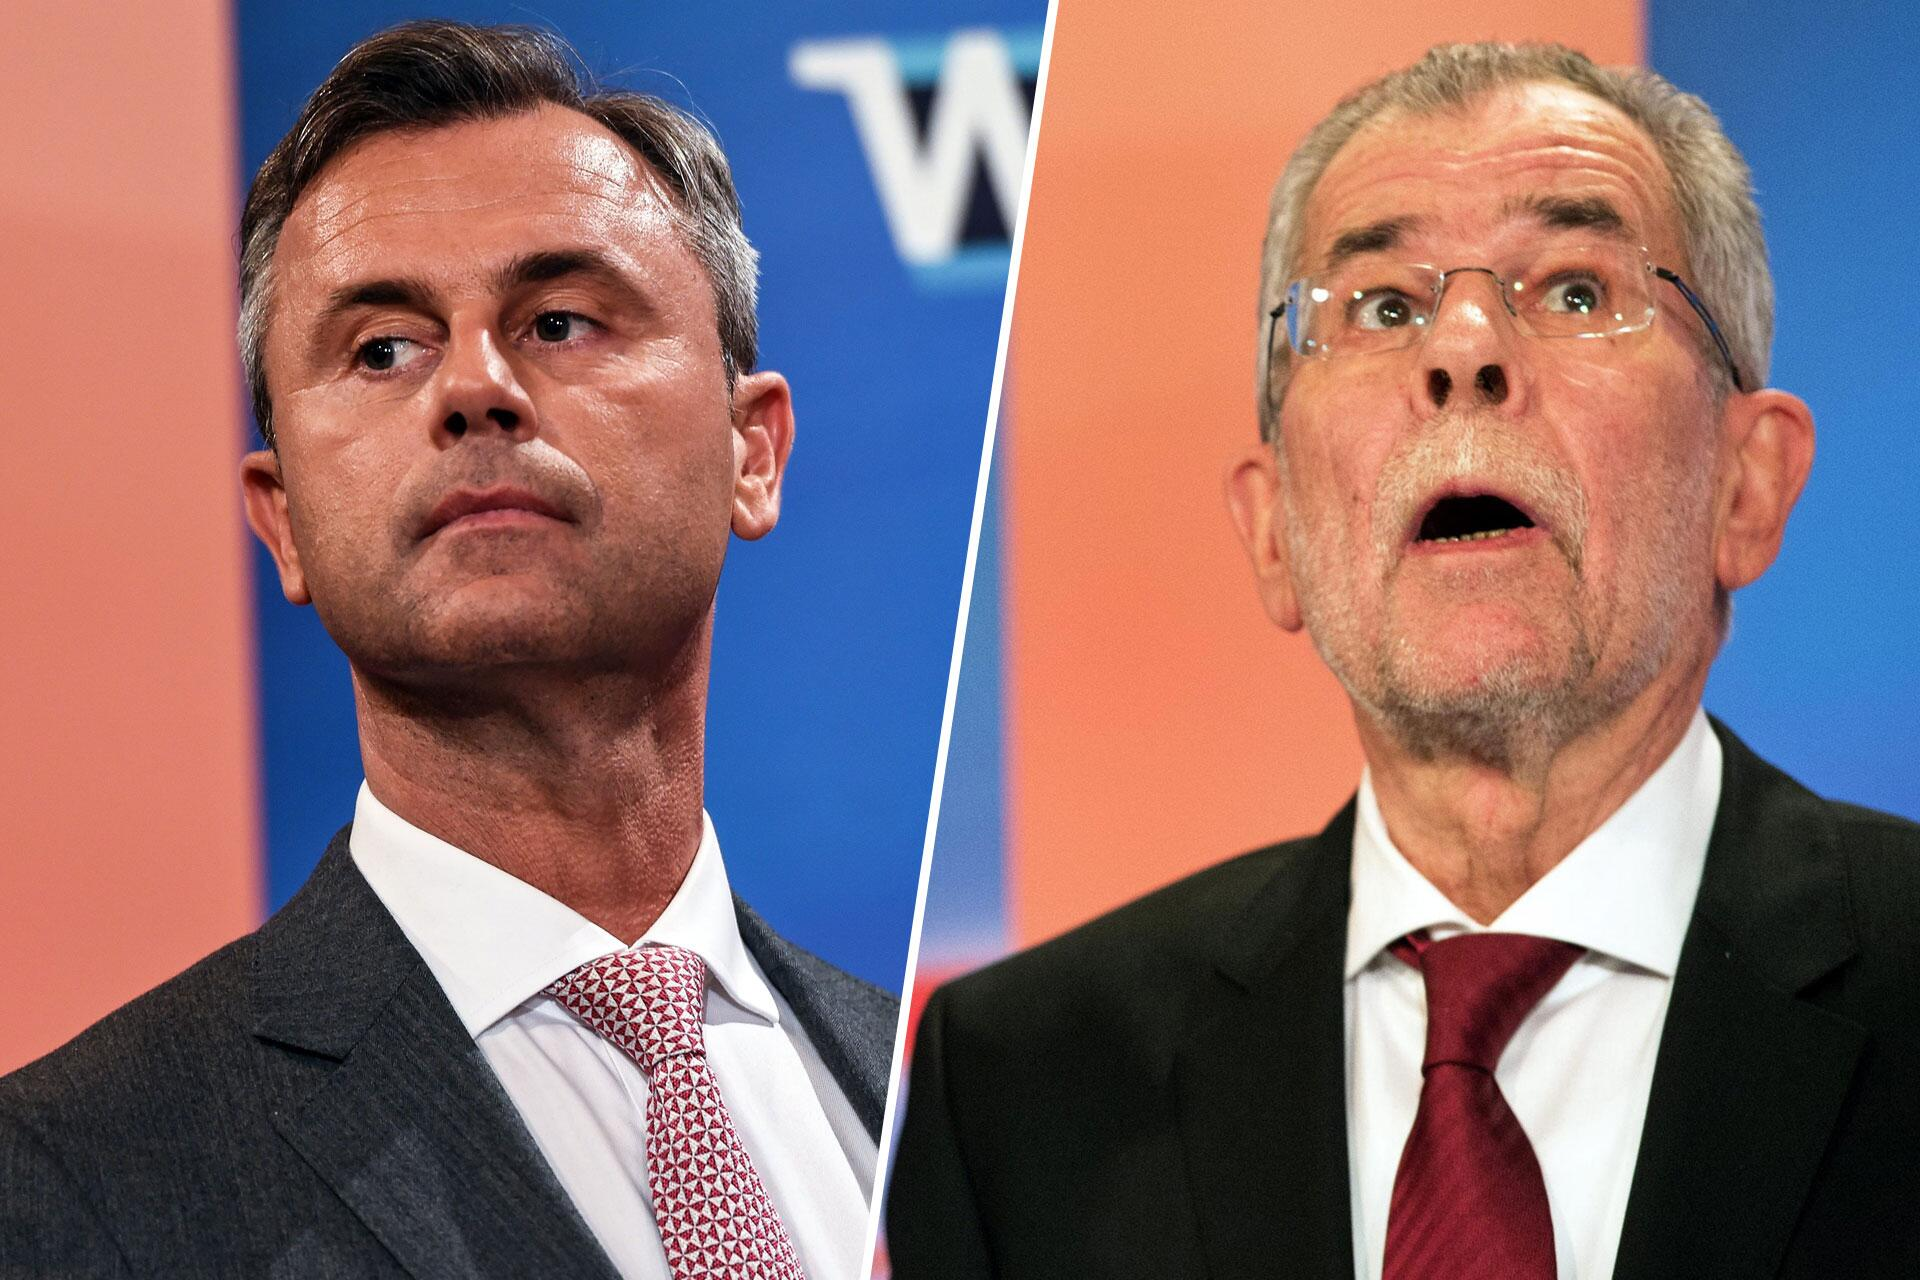 confermati brogli elettorali in Austria